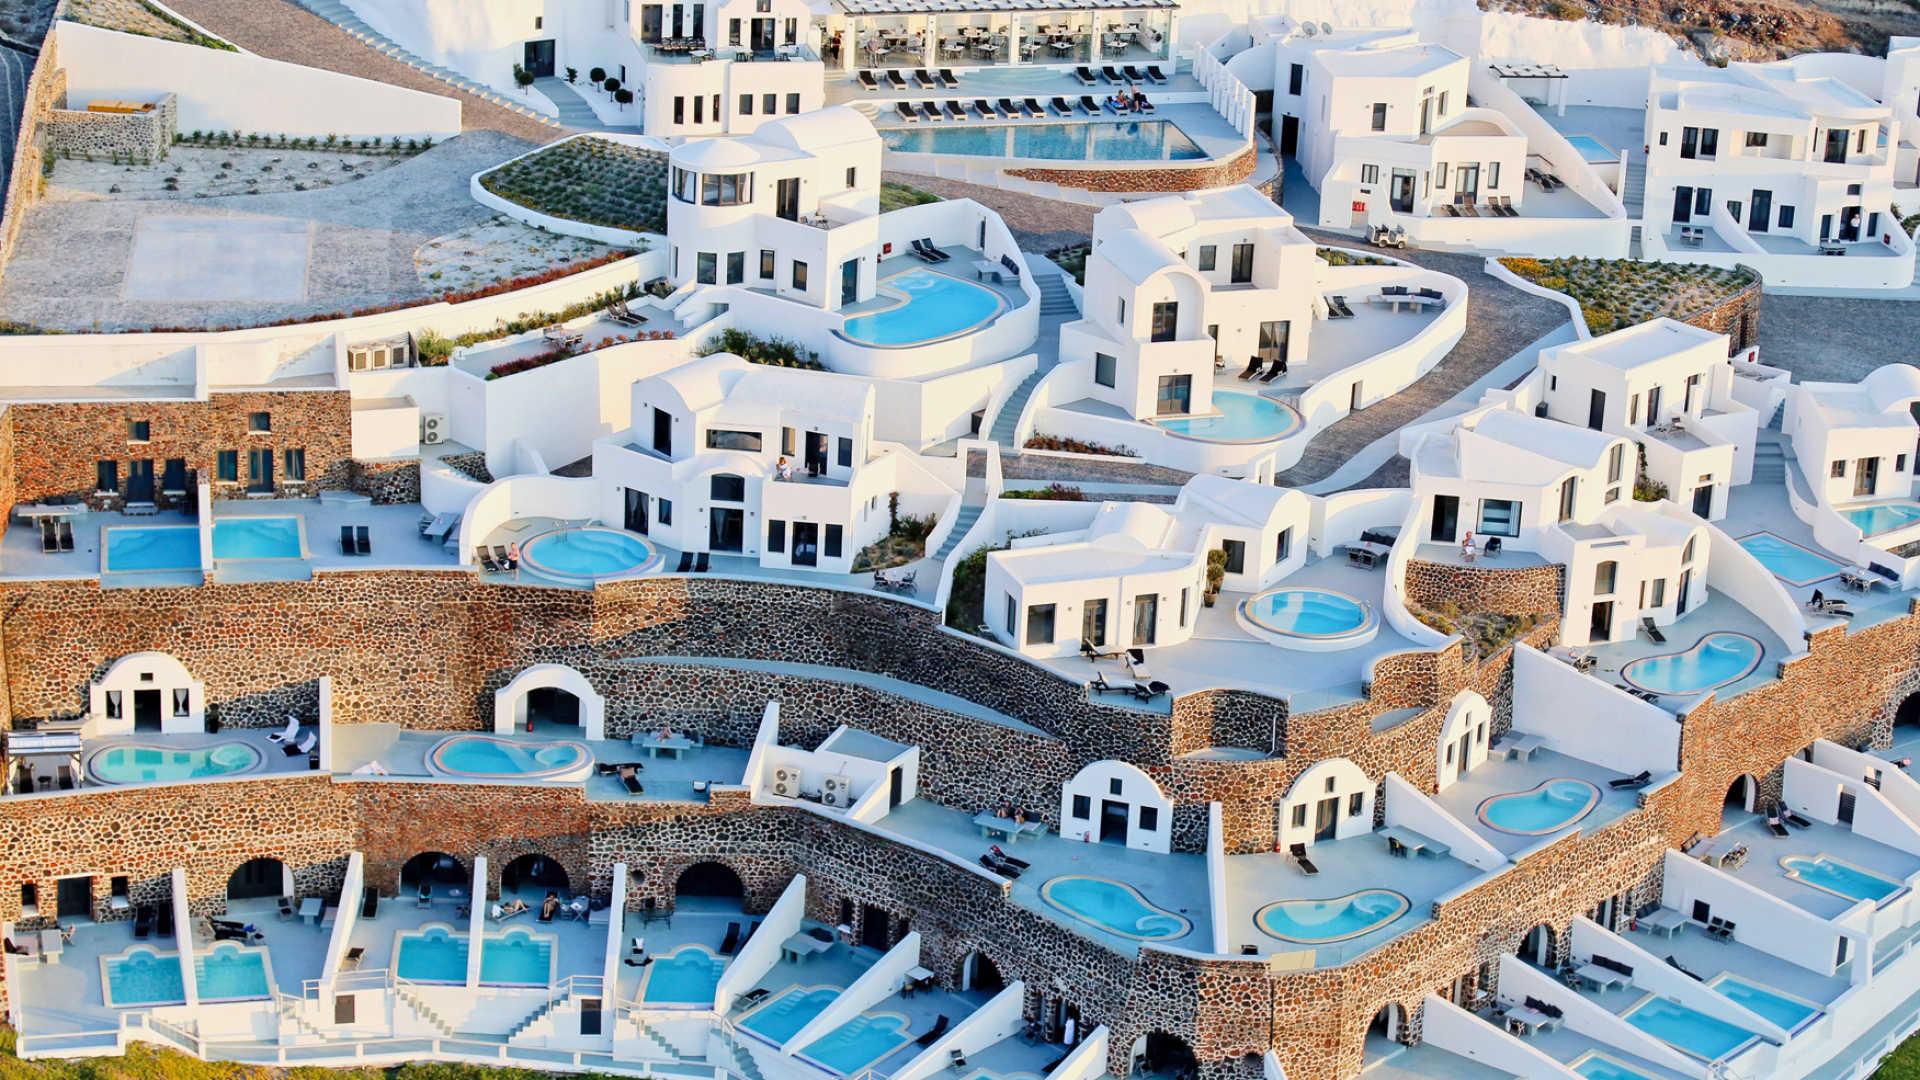 Ambassador Aegean Luxury Hotel Suites Santorini A Kuoni Hotel 1920x1080